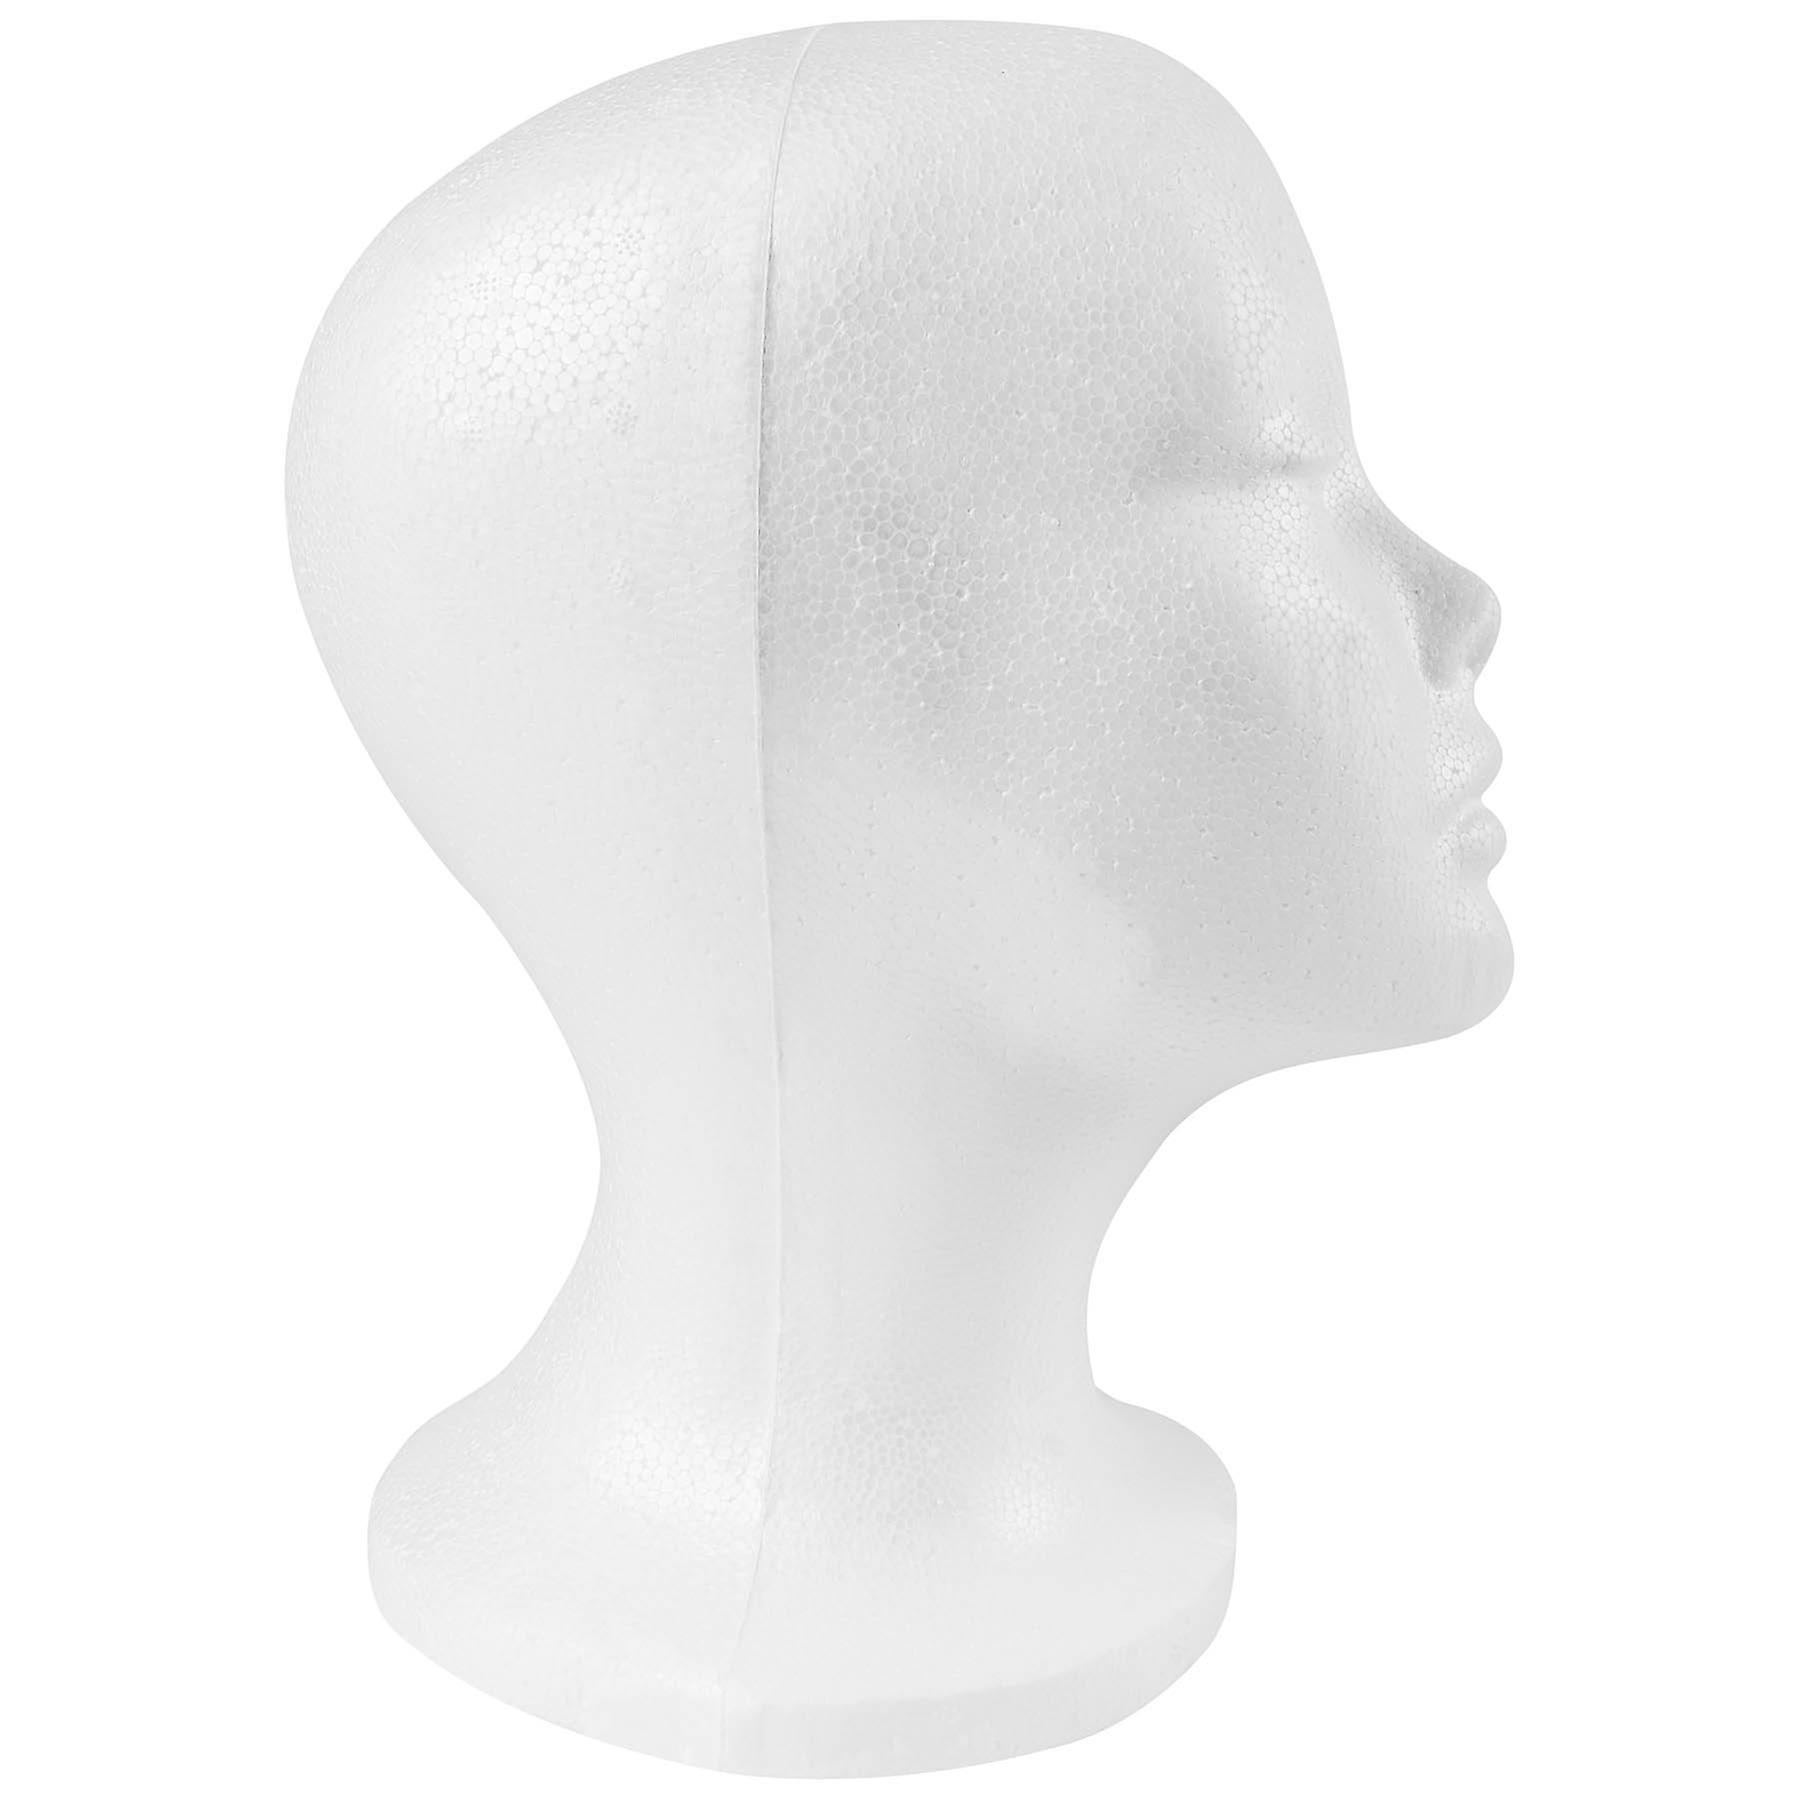 SHANY Styrofoam Model Heads/Hat Wig Foam Mannequin - 12